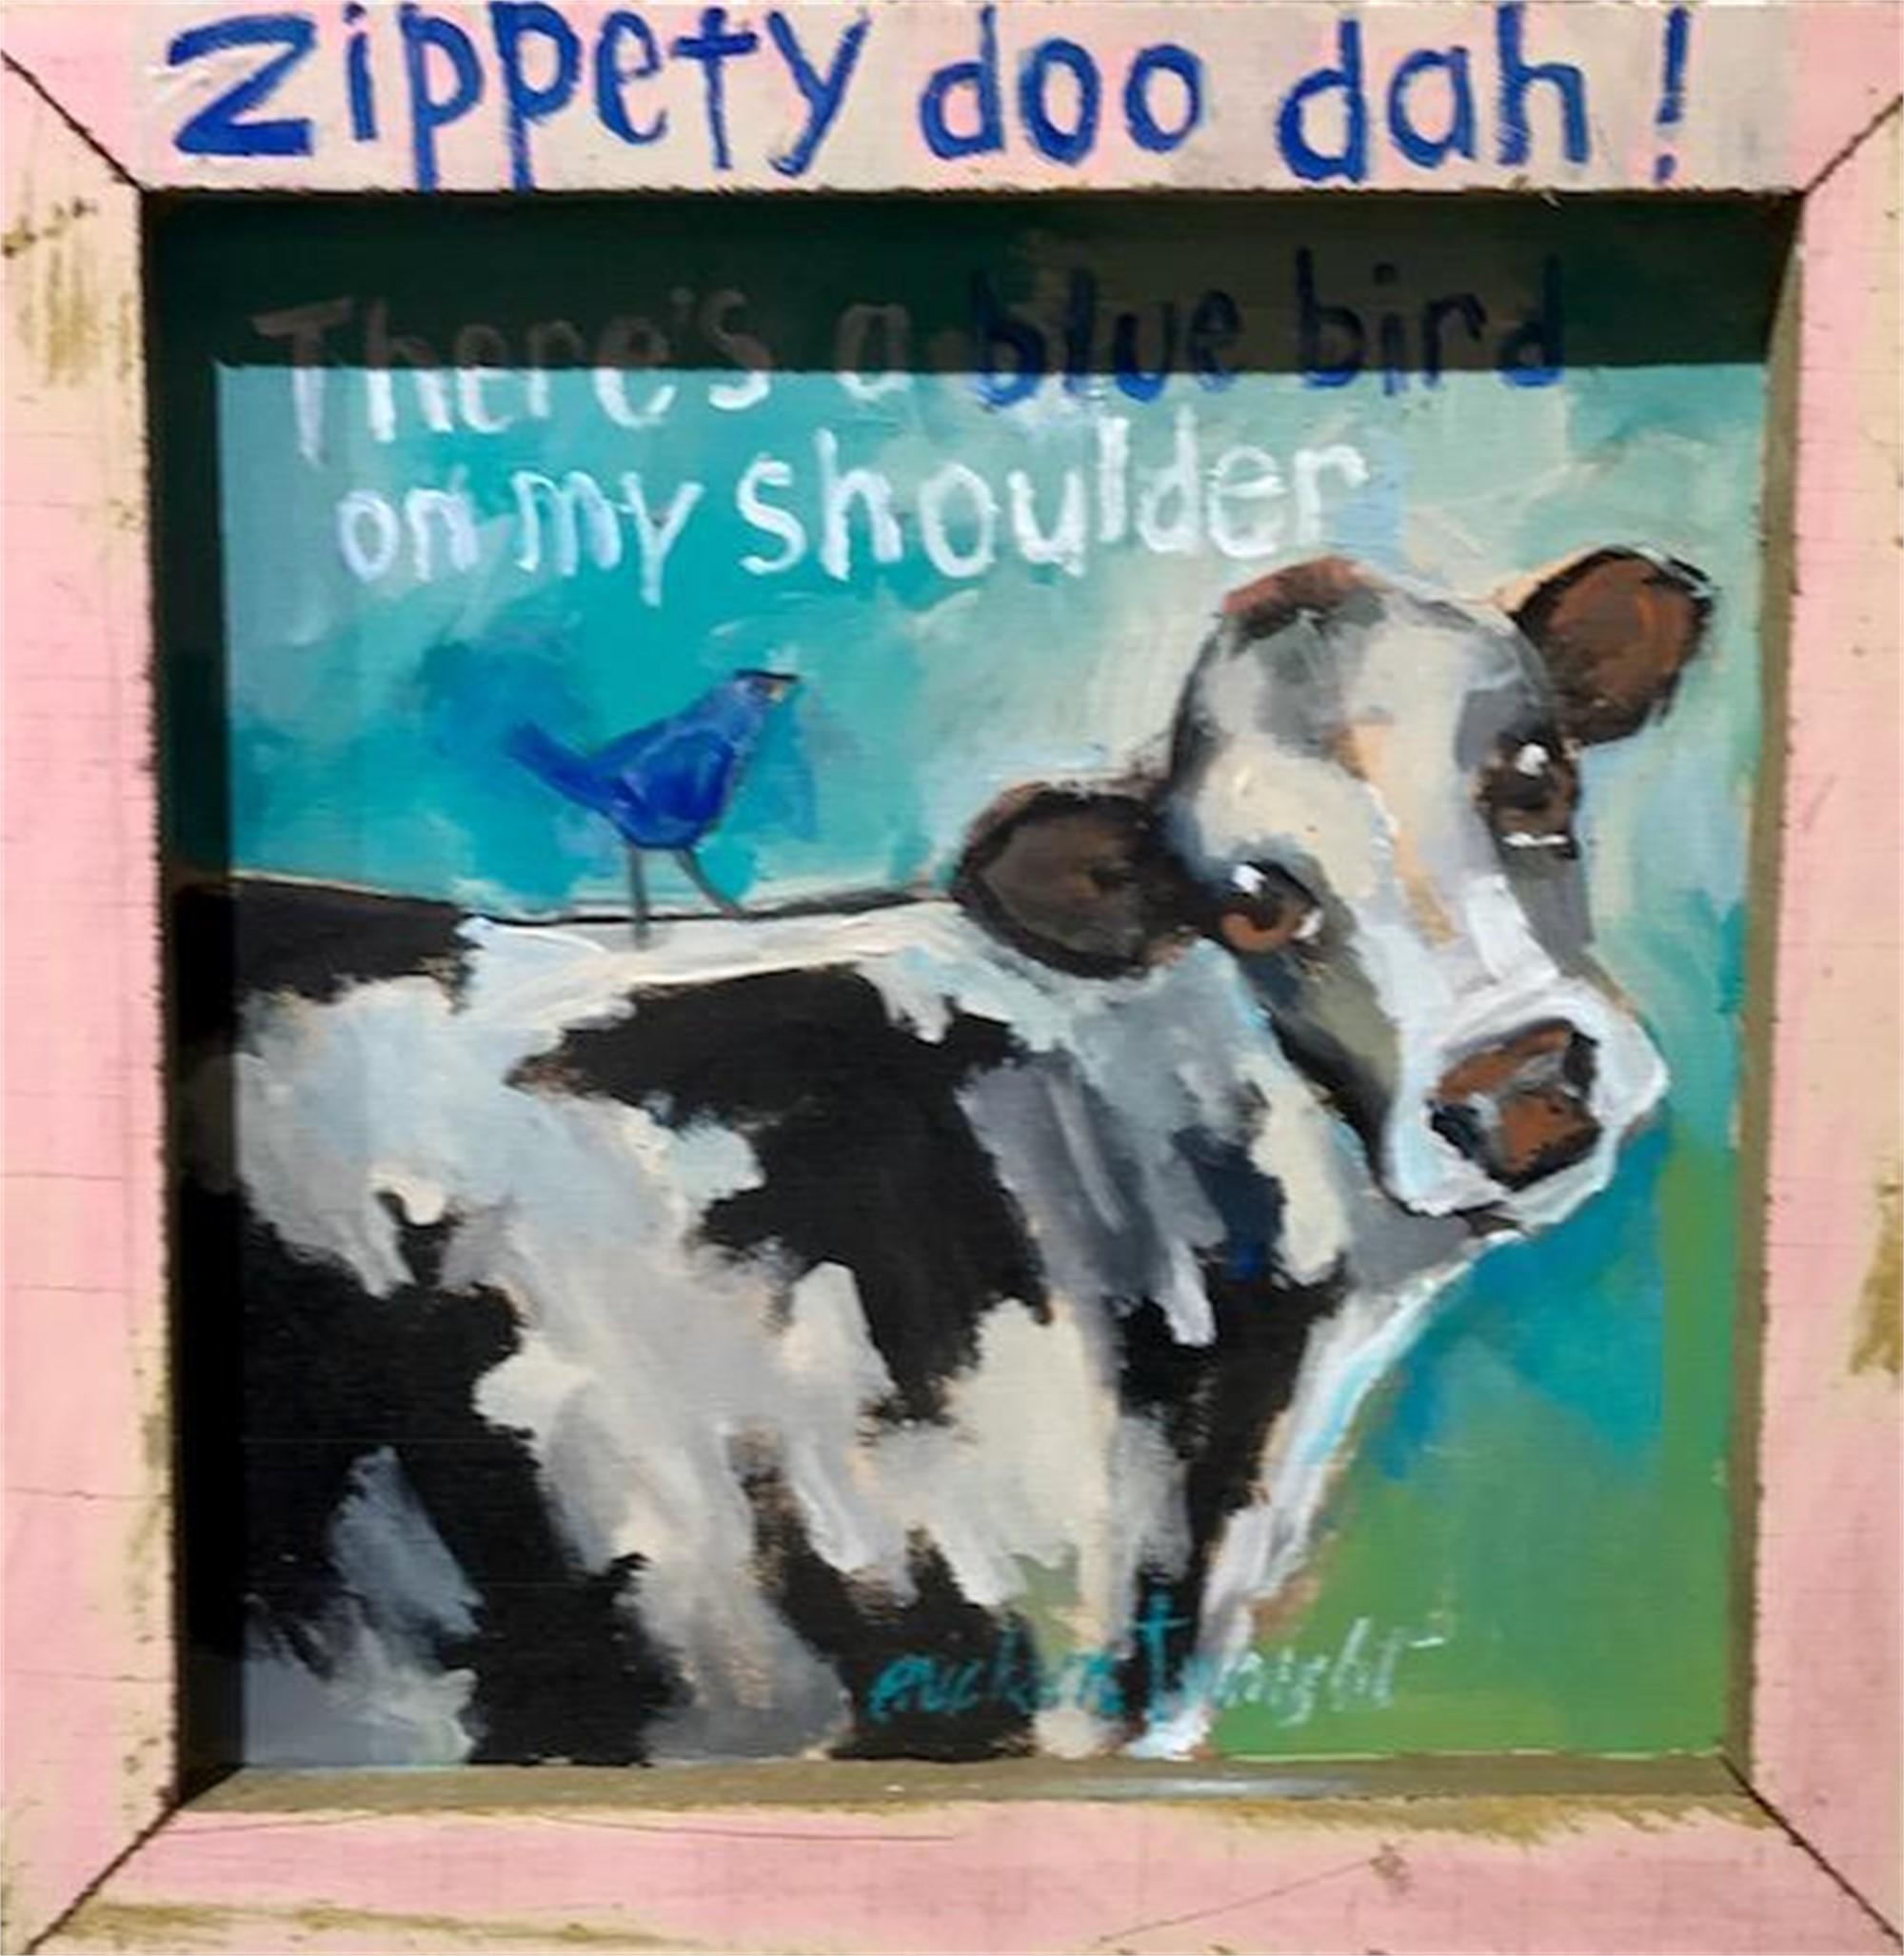 Zippety doo dah by Sandra Erickson Wright